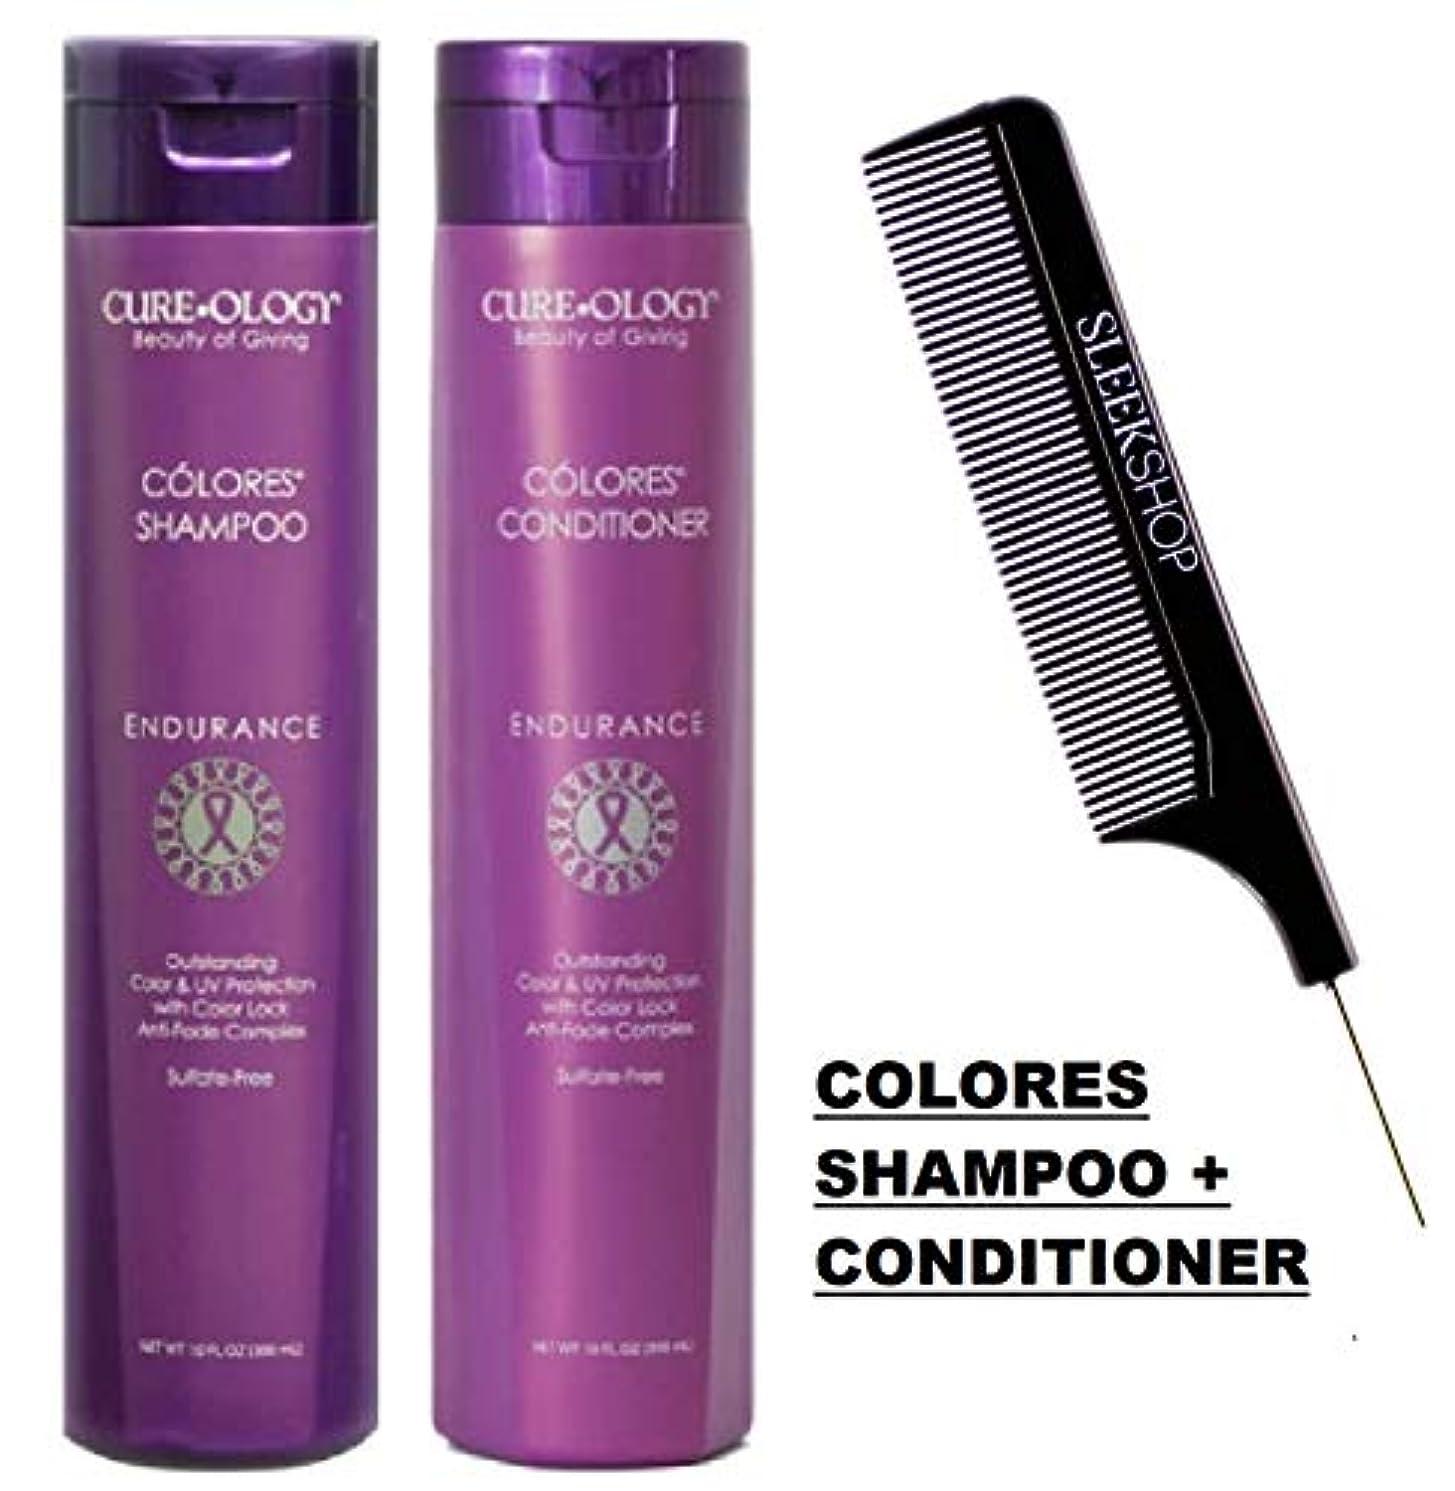 マート法廷適切なCureology Beauty 色esシャンプー&アンチフェード髪の式の色の保護、色のロック、(なめらかな櫛で)コンディショナー耐久デュオセット 10オンス/ 300ミリリットル - デュオ キット